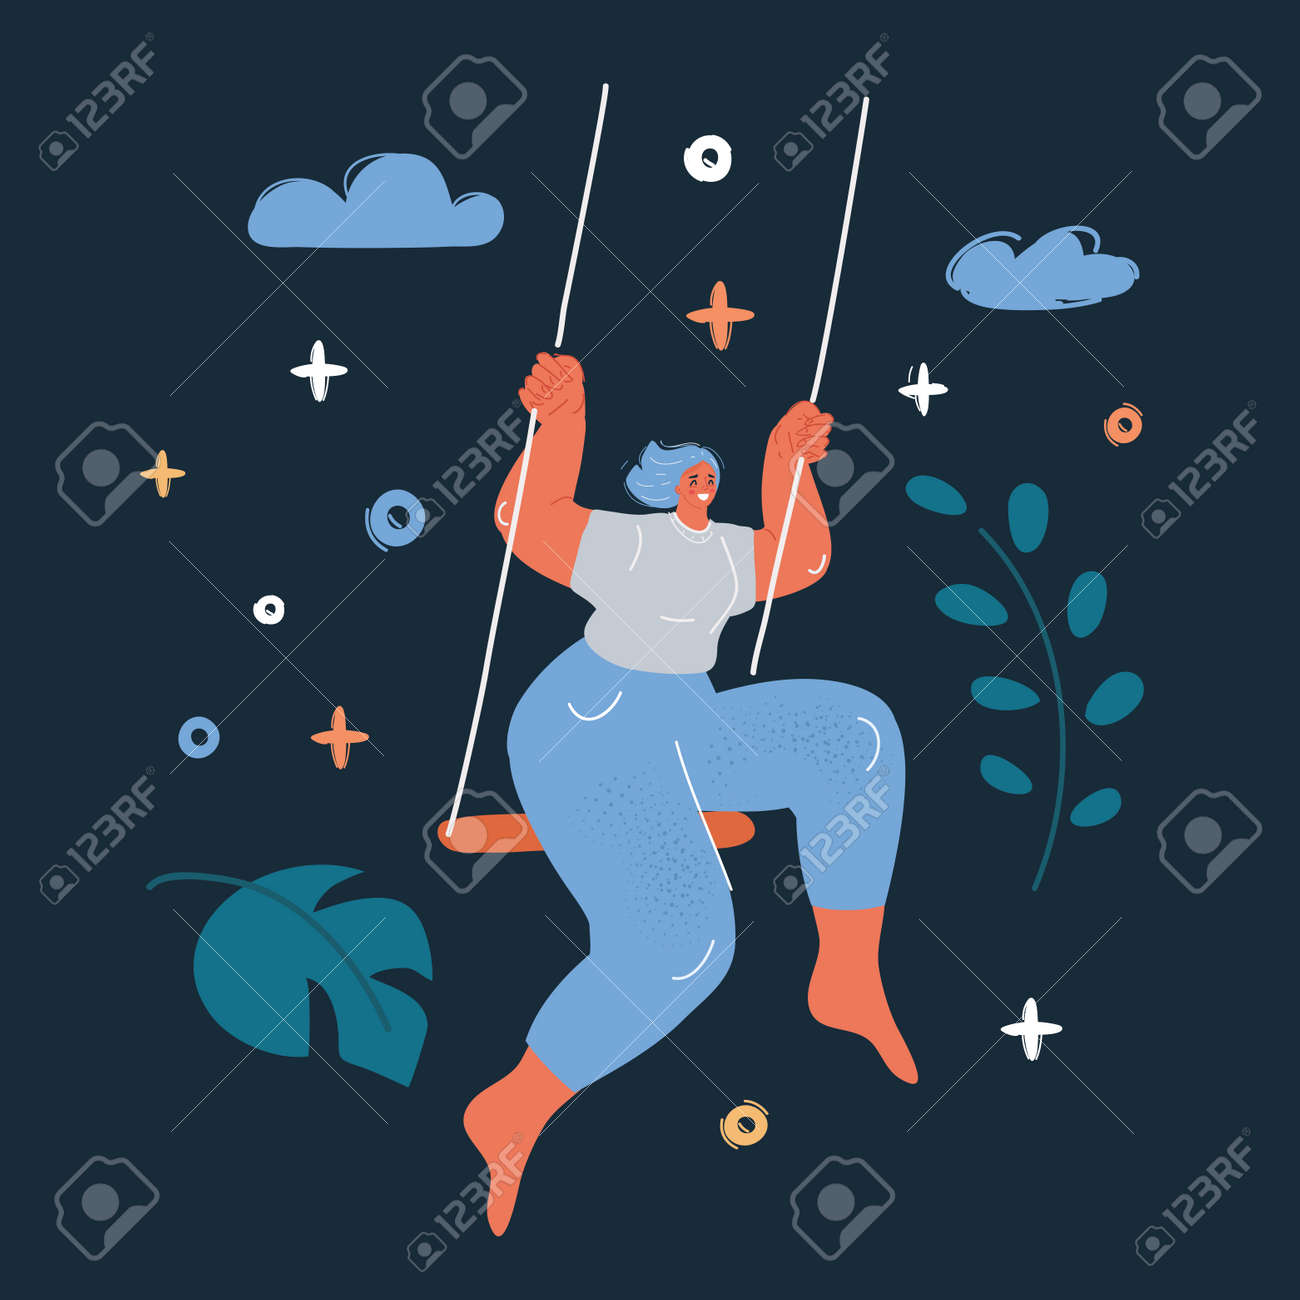 Vector illustration of girl swing over dark backround. - 172117034